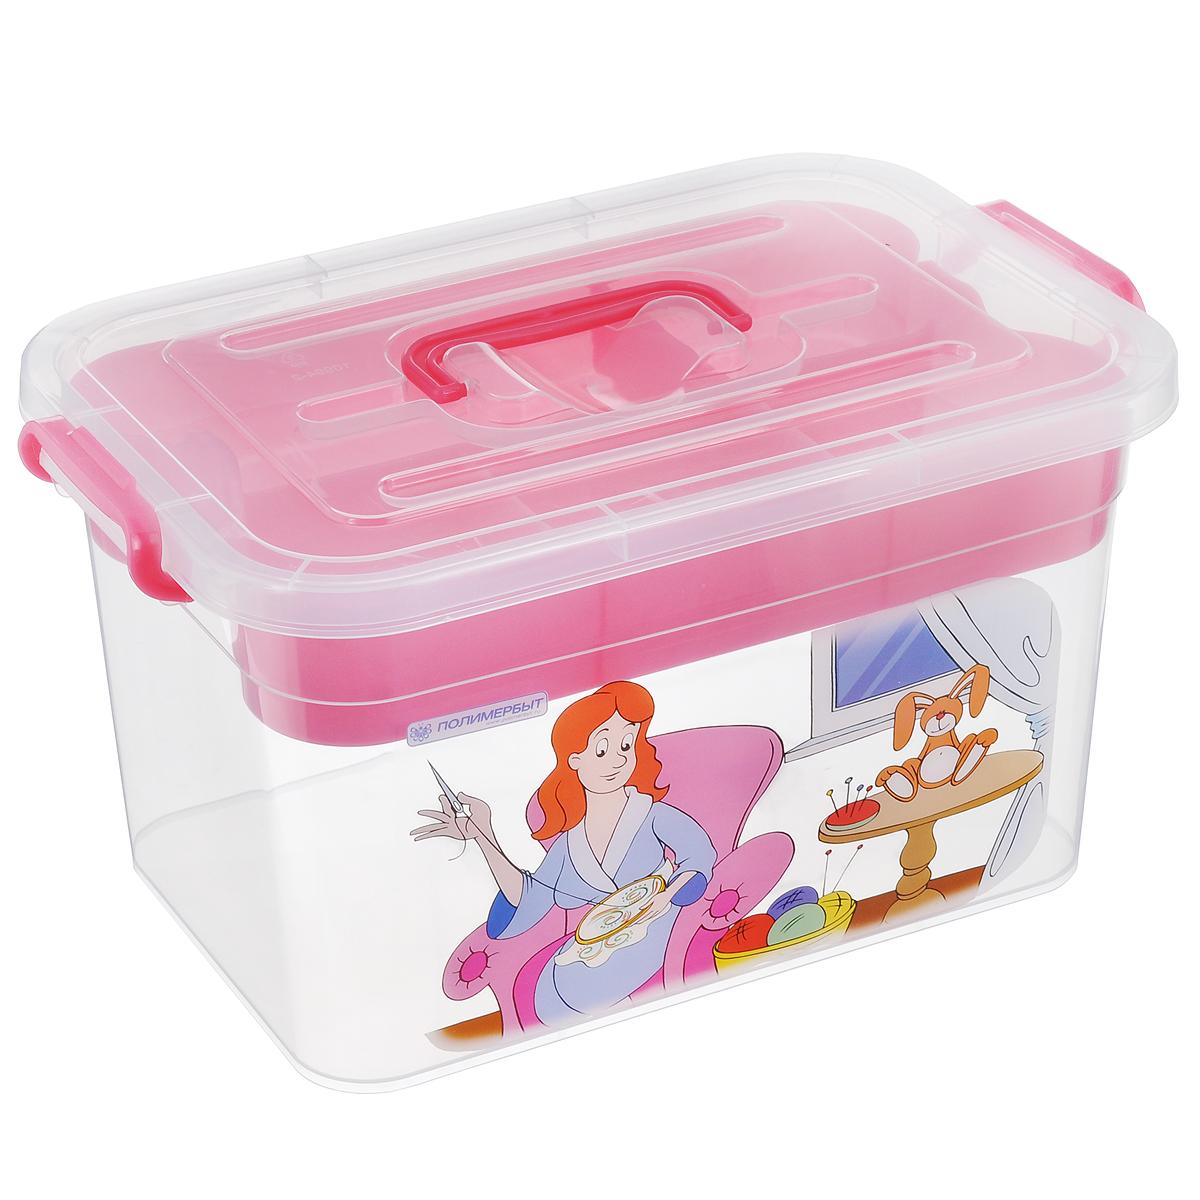 Контейнер для хранения Полимербыт Рукоделие, с вкладышем, цвет: розовый, прозрачный, 10 лС81002Контейнер Полимербыт Рукоделие выполнен из прочного пластика и предназначен для хранения предметов рукоделия. Внутри имеется съемный пластиковый лоток с пятью секциями разной формы и размера для хранения мелких принадлежностей. Закрывается контейнер при помощи крепких защелок по бокам, которые не допускают случайного открывания. Для удобства эксплуатации на крышке есть ручка. Контейнер поможет хранить все в одном месте, а также защитить вещи от пыли, грязи и влаги. Размер вкладыша: 30,4 см х 20 см х 6 см. Размер самого большой секции вкладыша: 20 см х 9,8 см х 4 см. Размер самого маленькой секции вкладыша: 9,8 см х 9,8 см х 4 см.